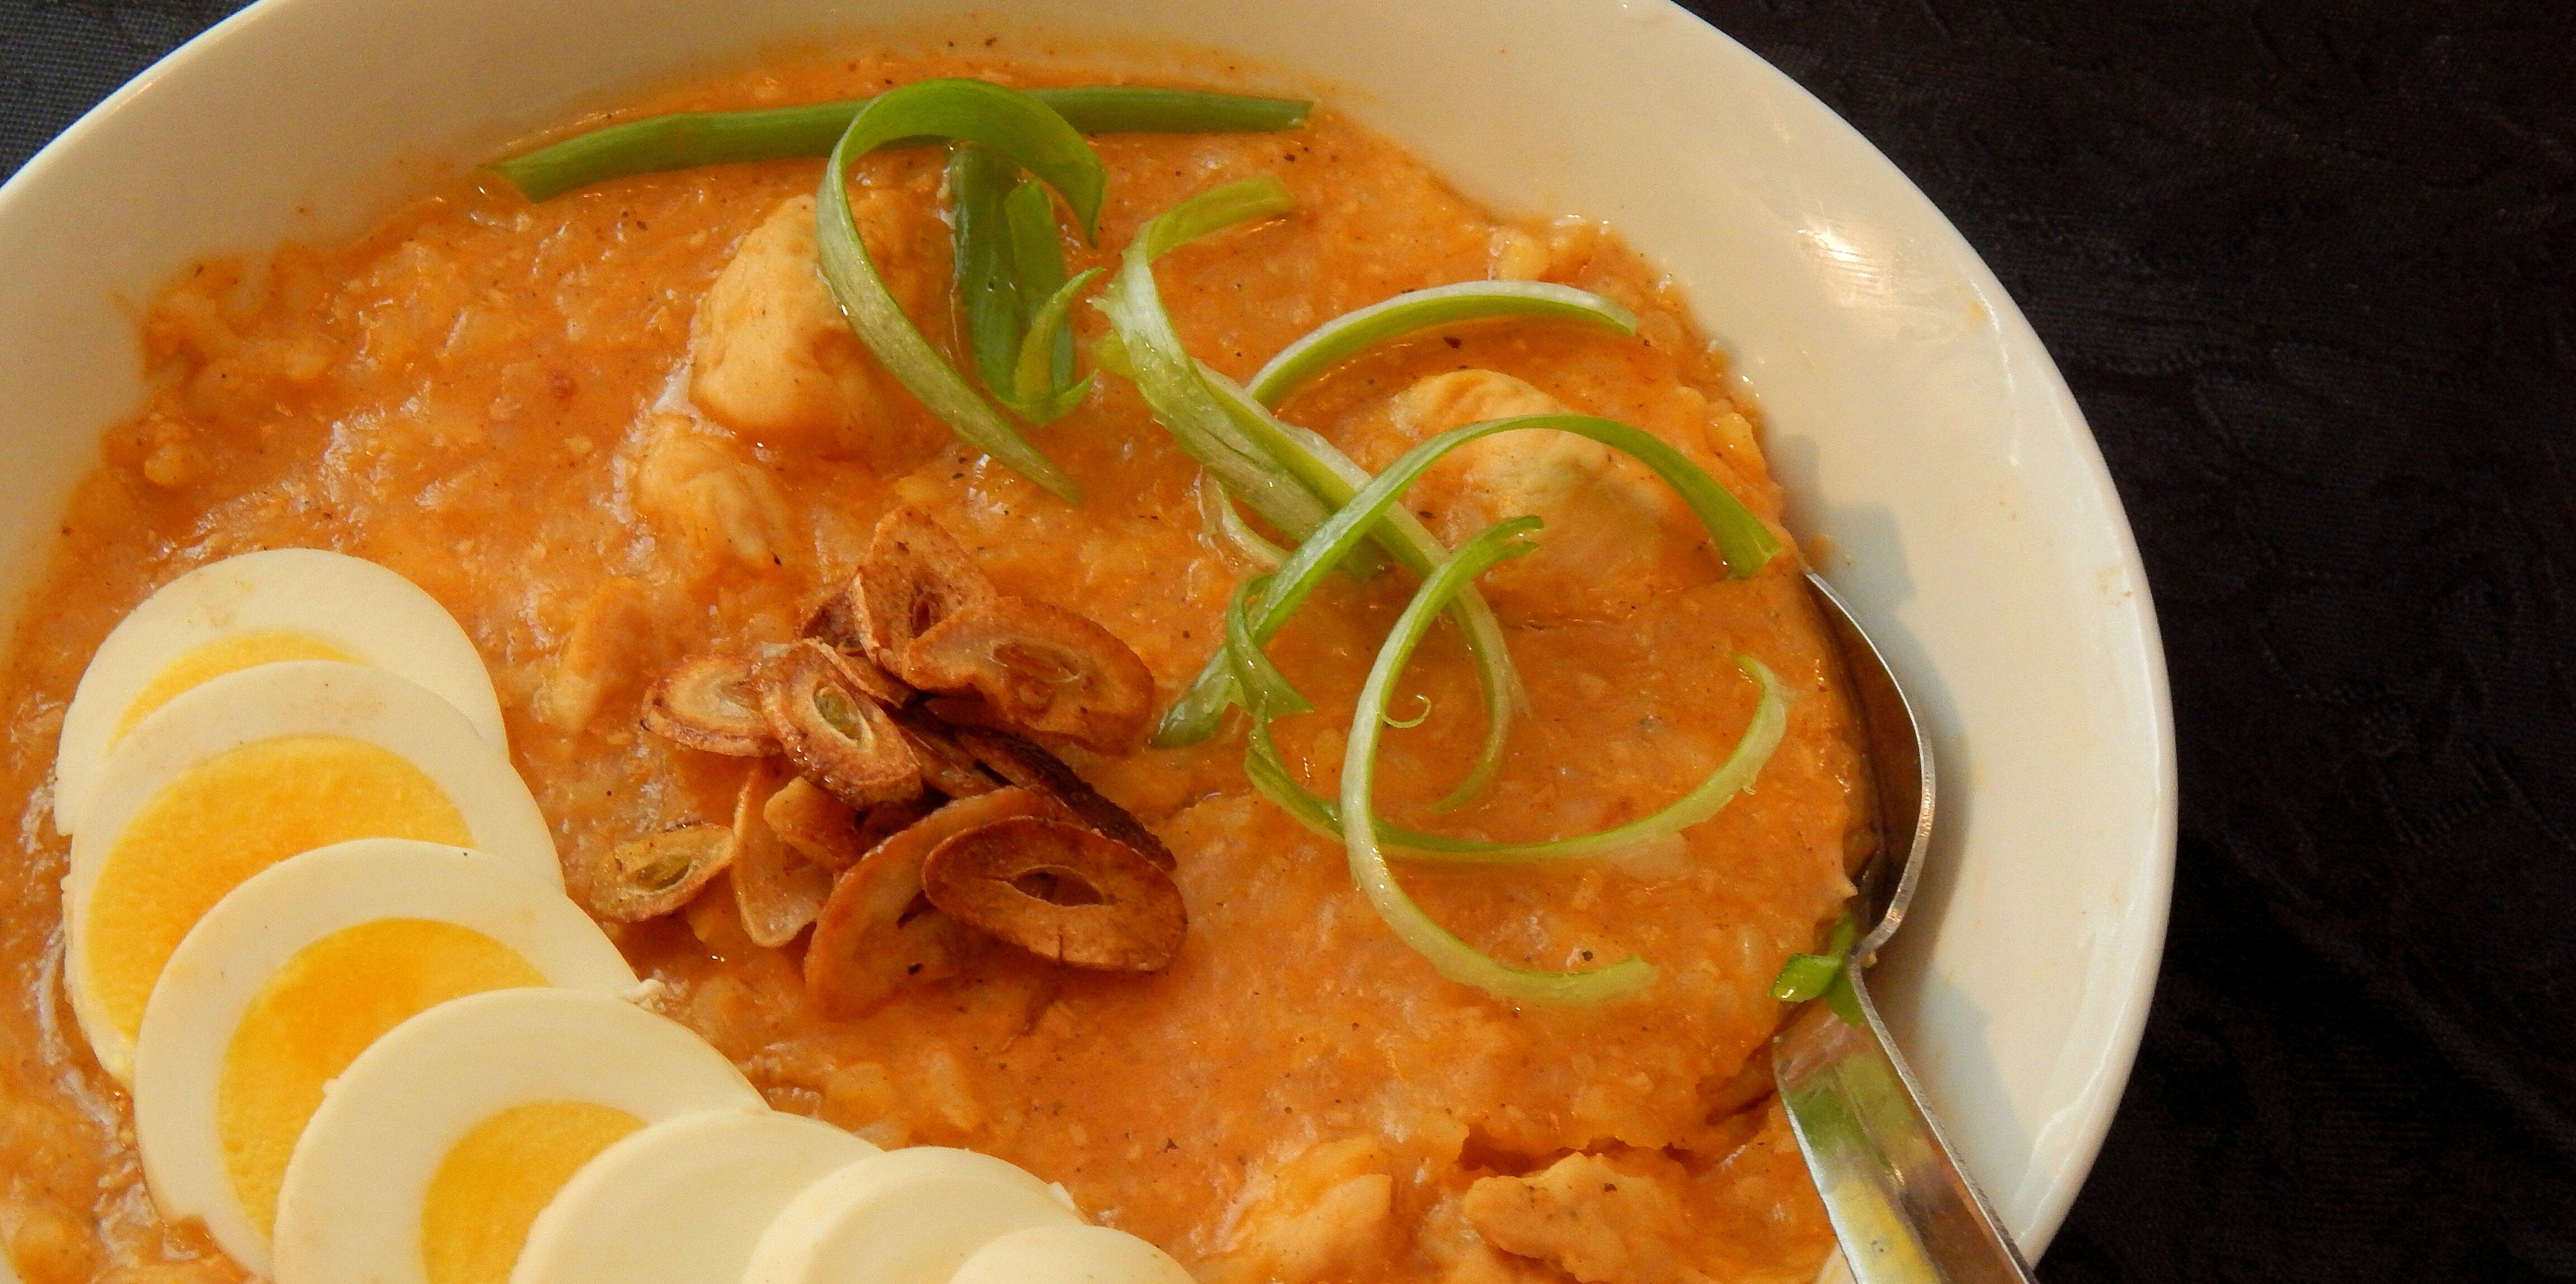 filipino style congee lugaw recipe